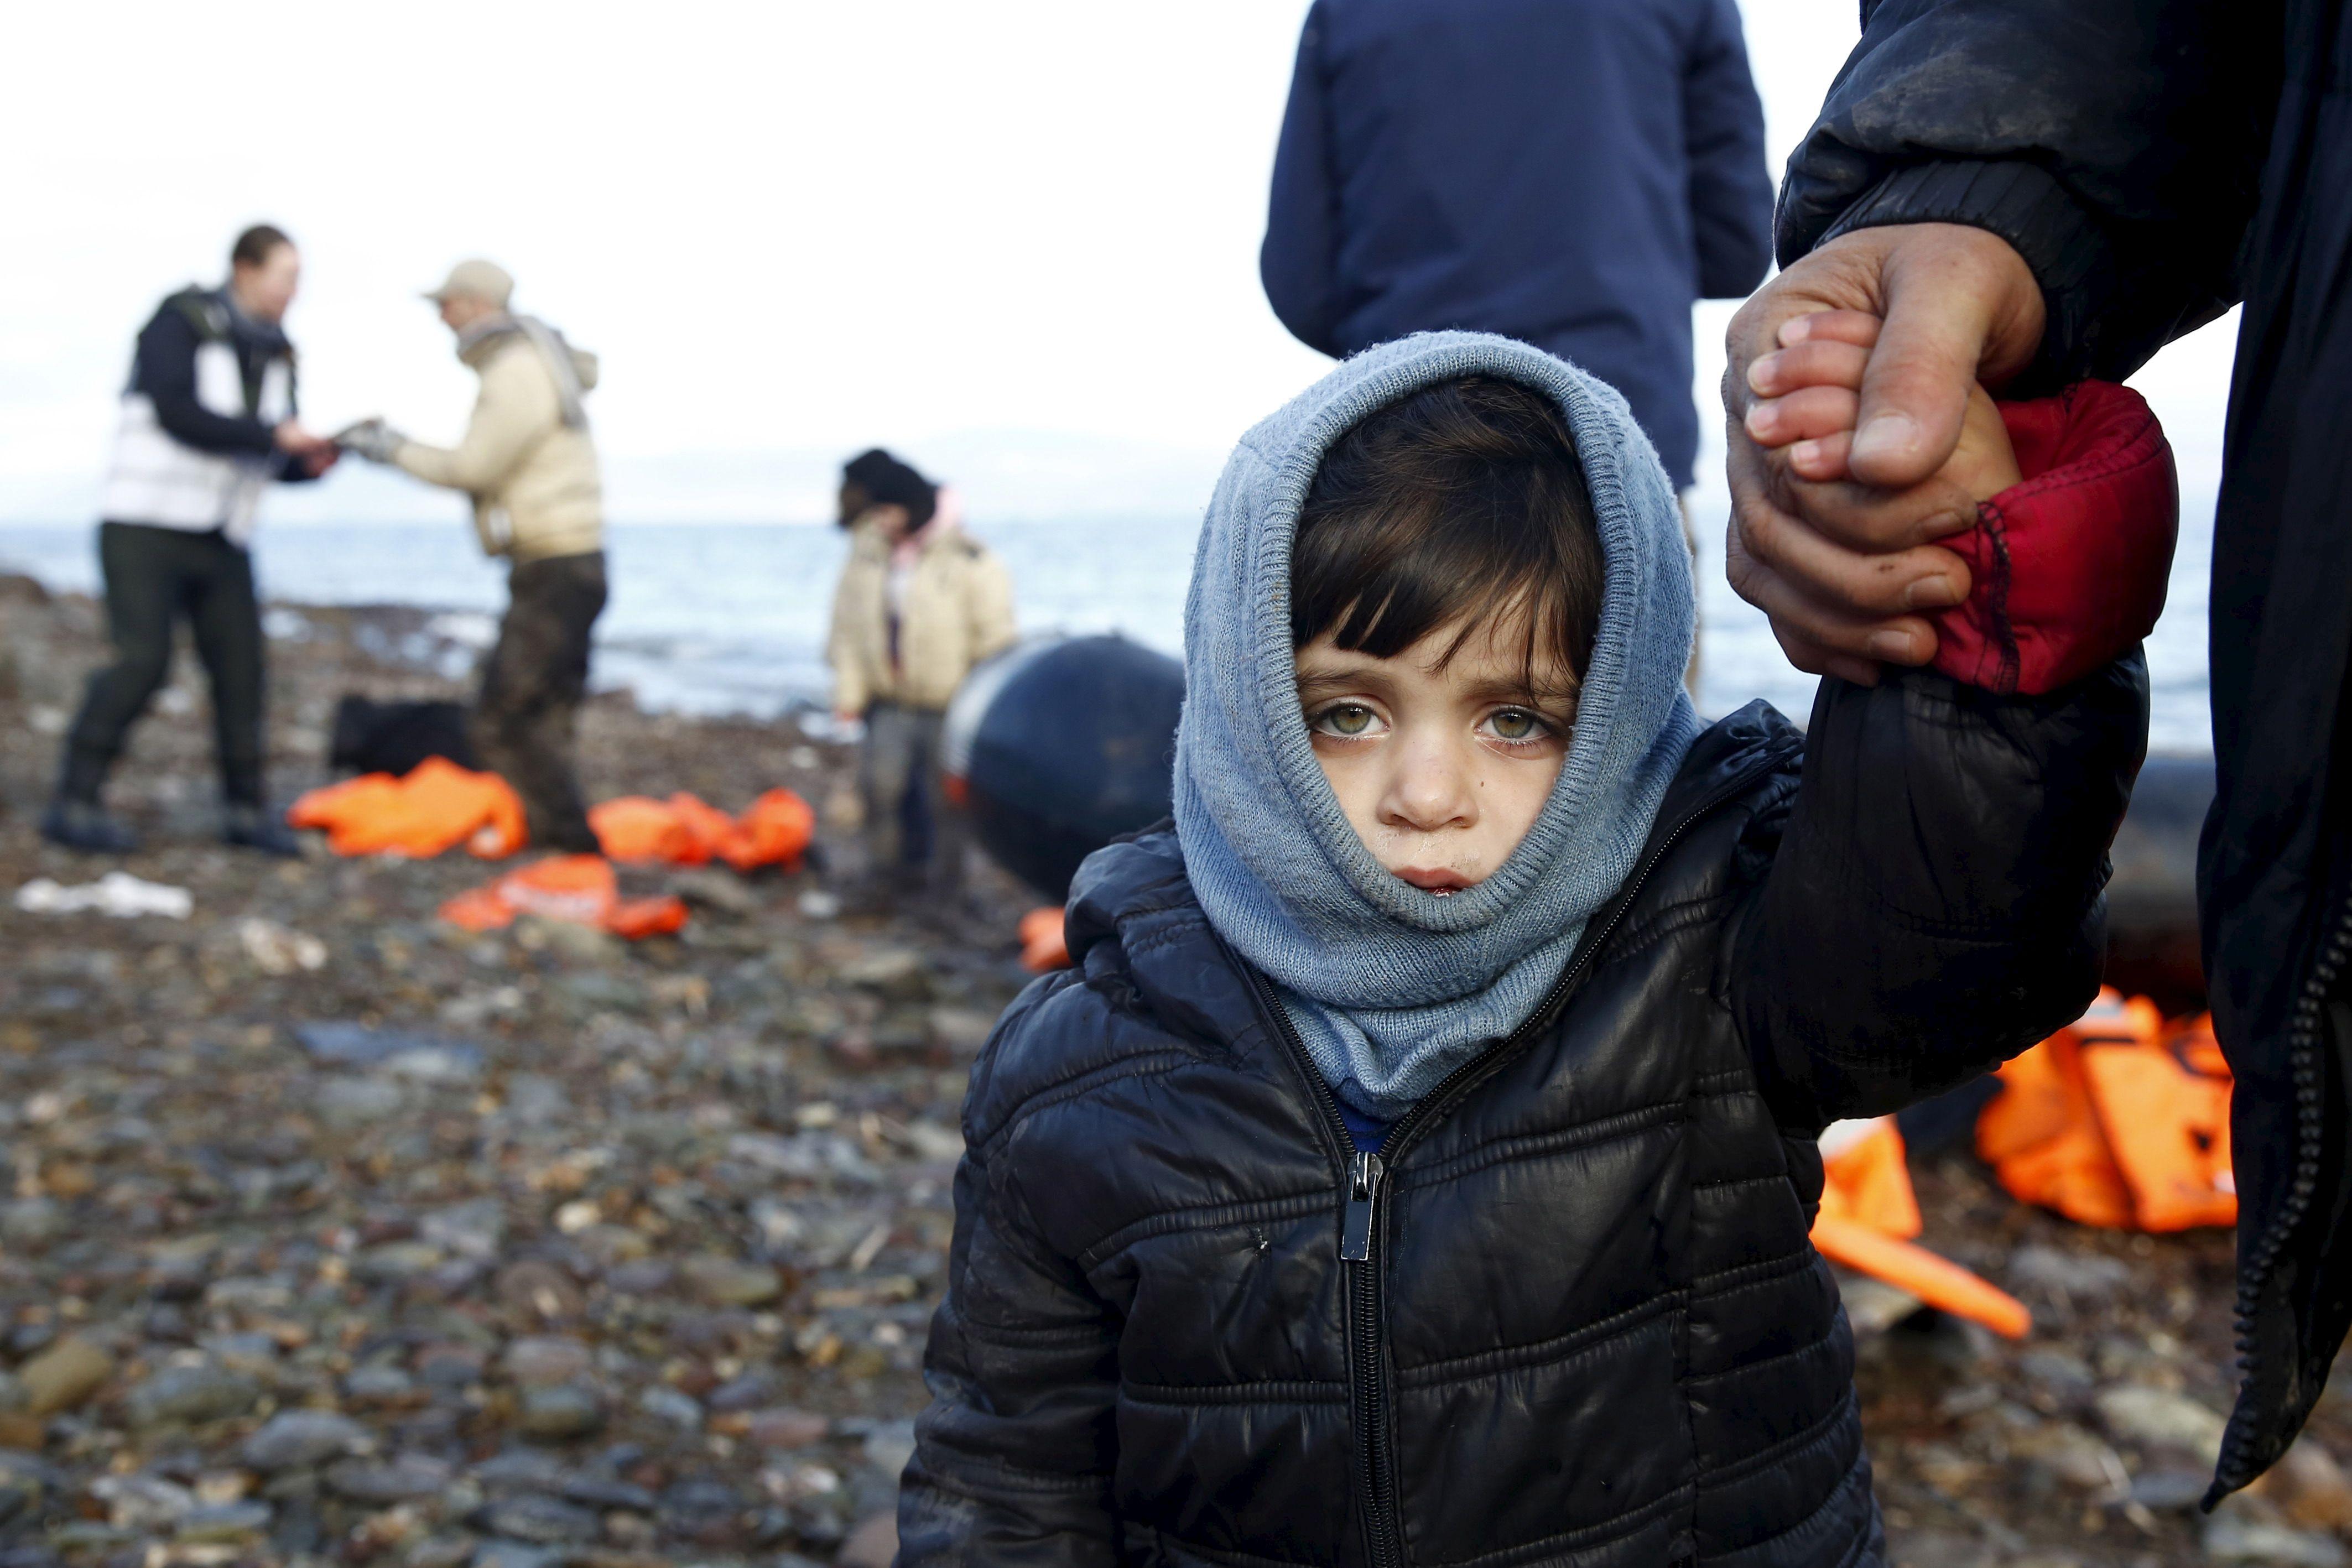 10 000 enfants migrants considérés comme disparus par Interpol : quand l'Europe ignore superbement le problème des mafias dans les bras desquelles elle a jeté des centaines de milliers de réfugiés